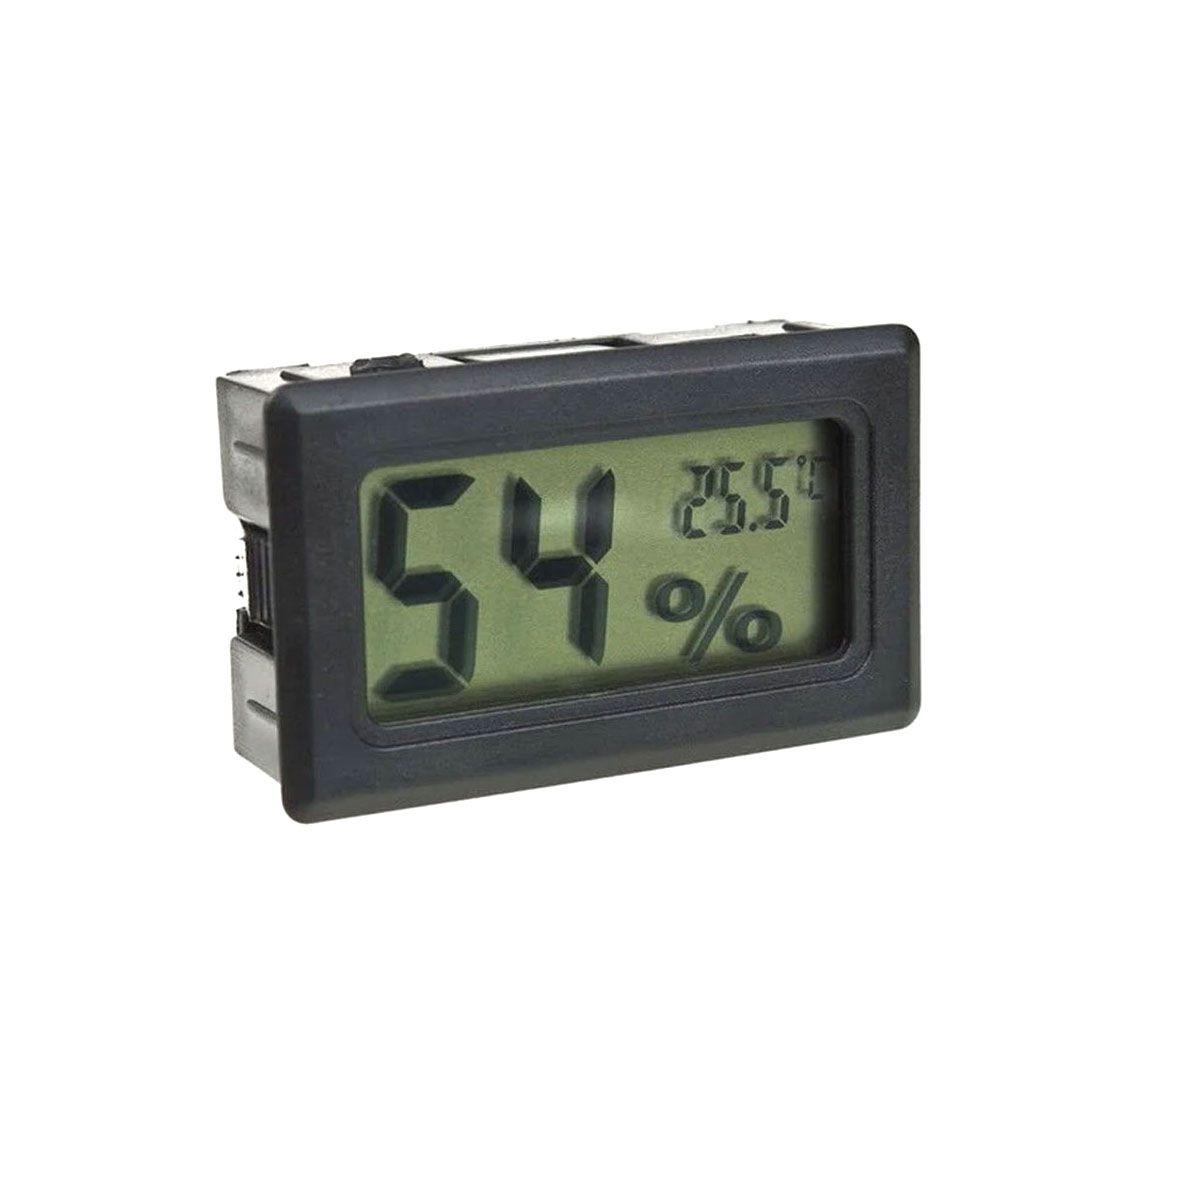 Mini Termômetro - Higrômetro Digital / Mede Temperatura e Umidade SEM bateria - Preto